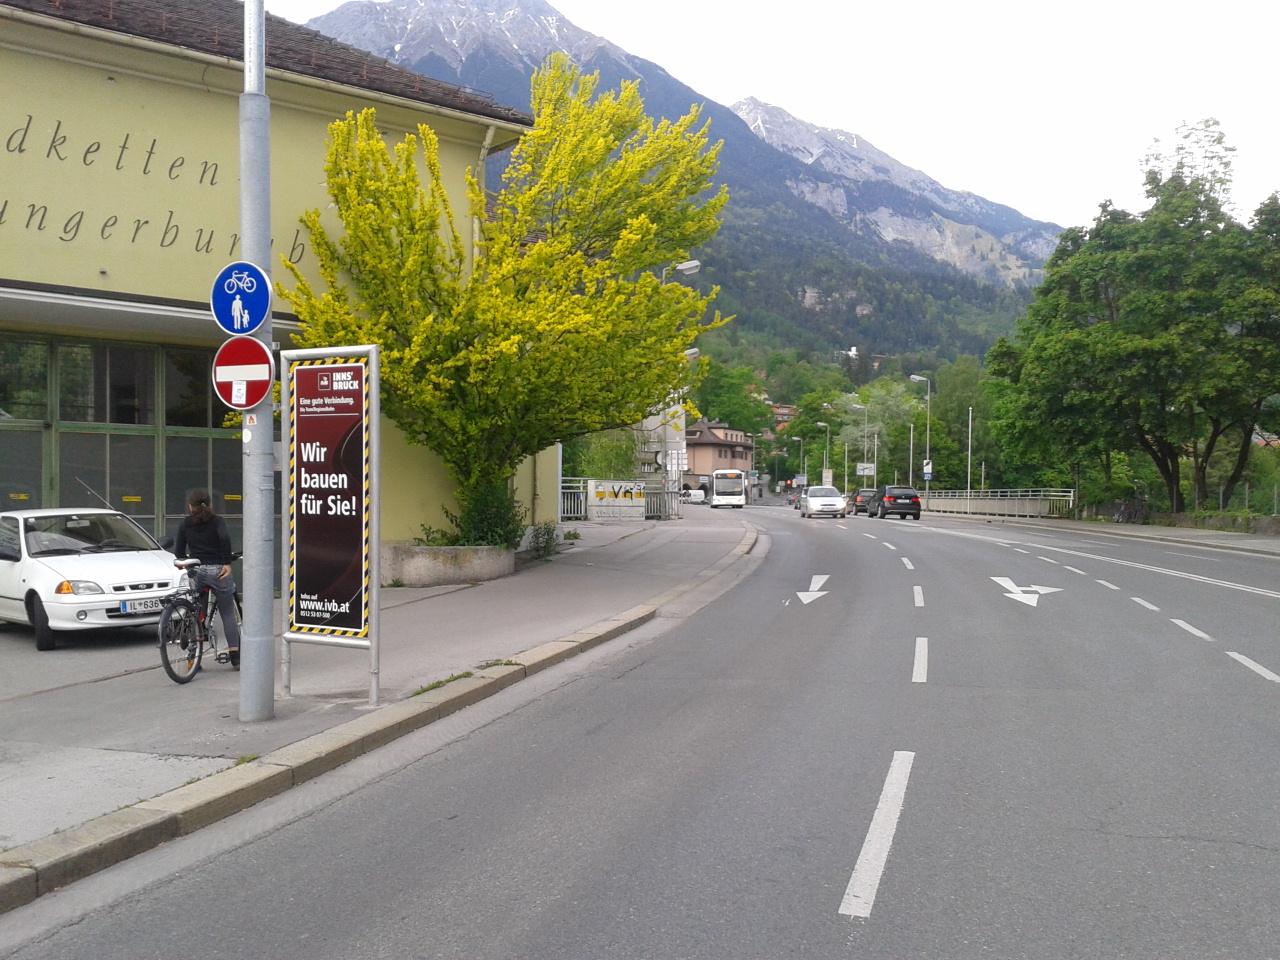 strafe österreich entgegen einbahn